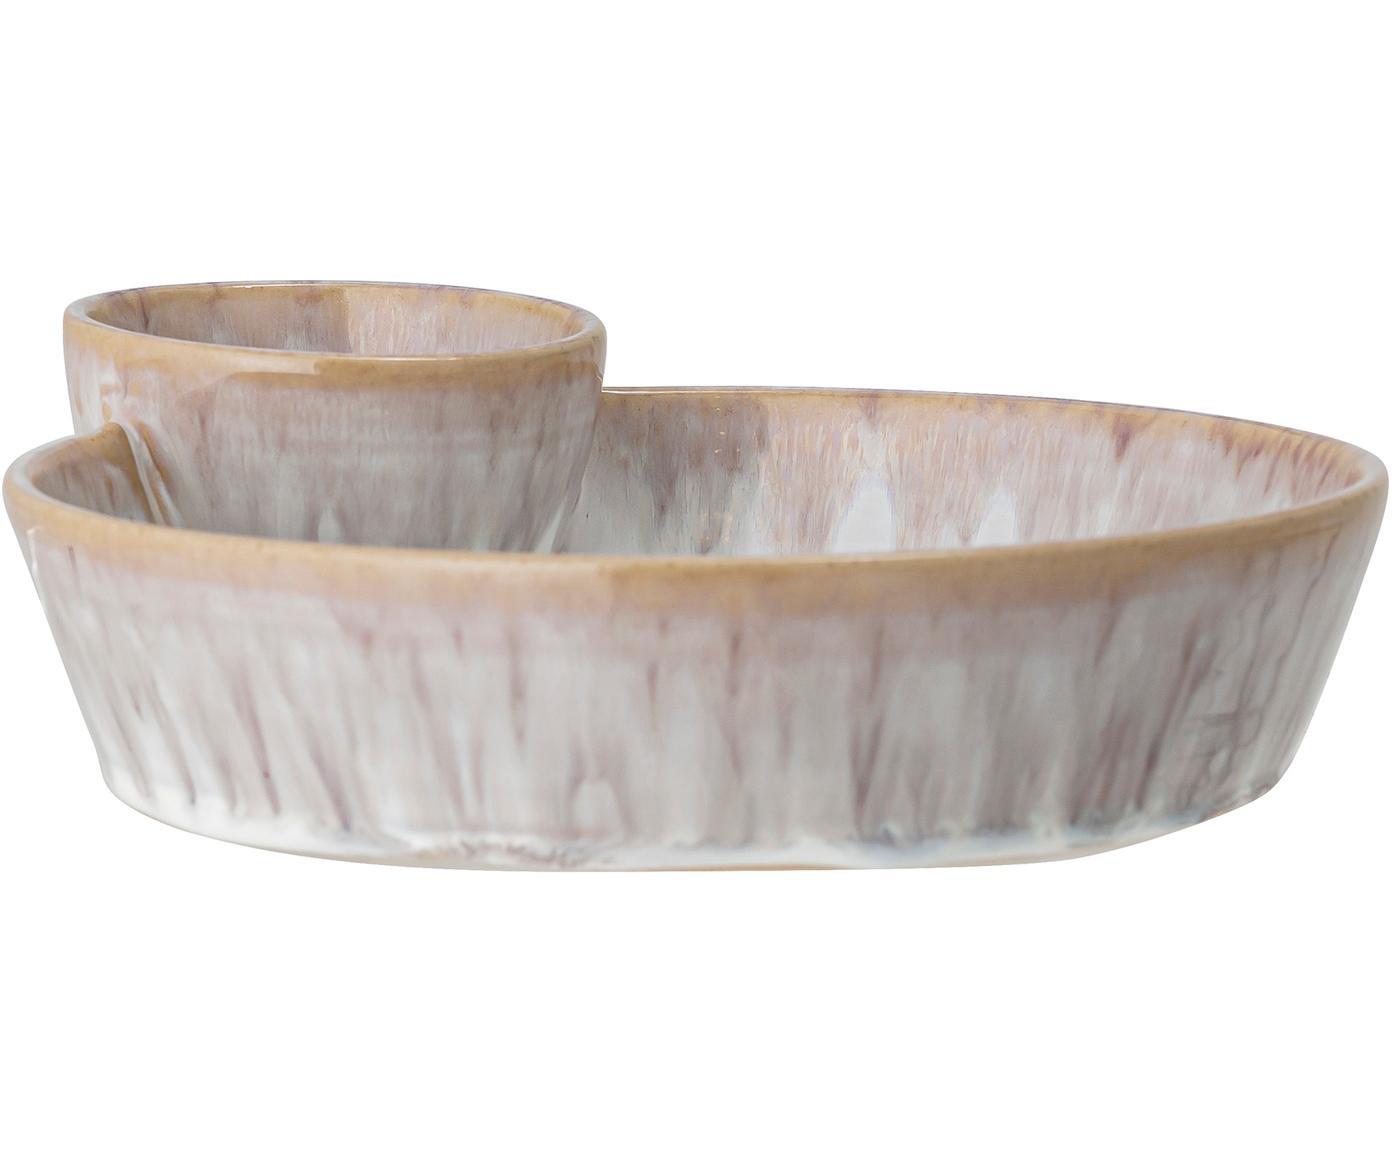 Handgemaakte schaal Caya, Keramiek, Beige, 24 x 4 cm